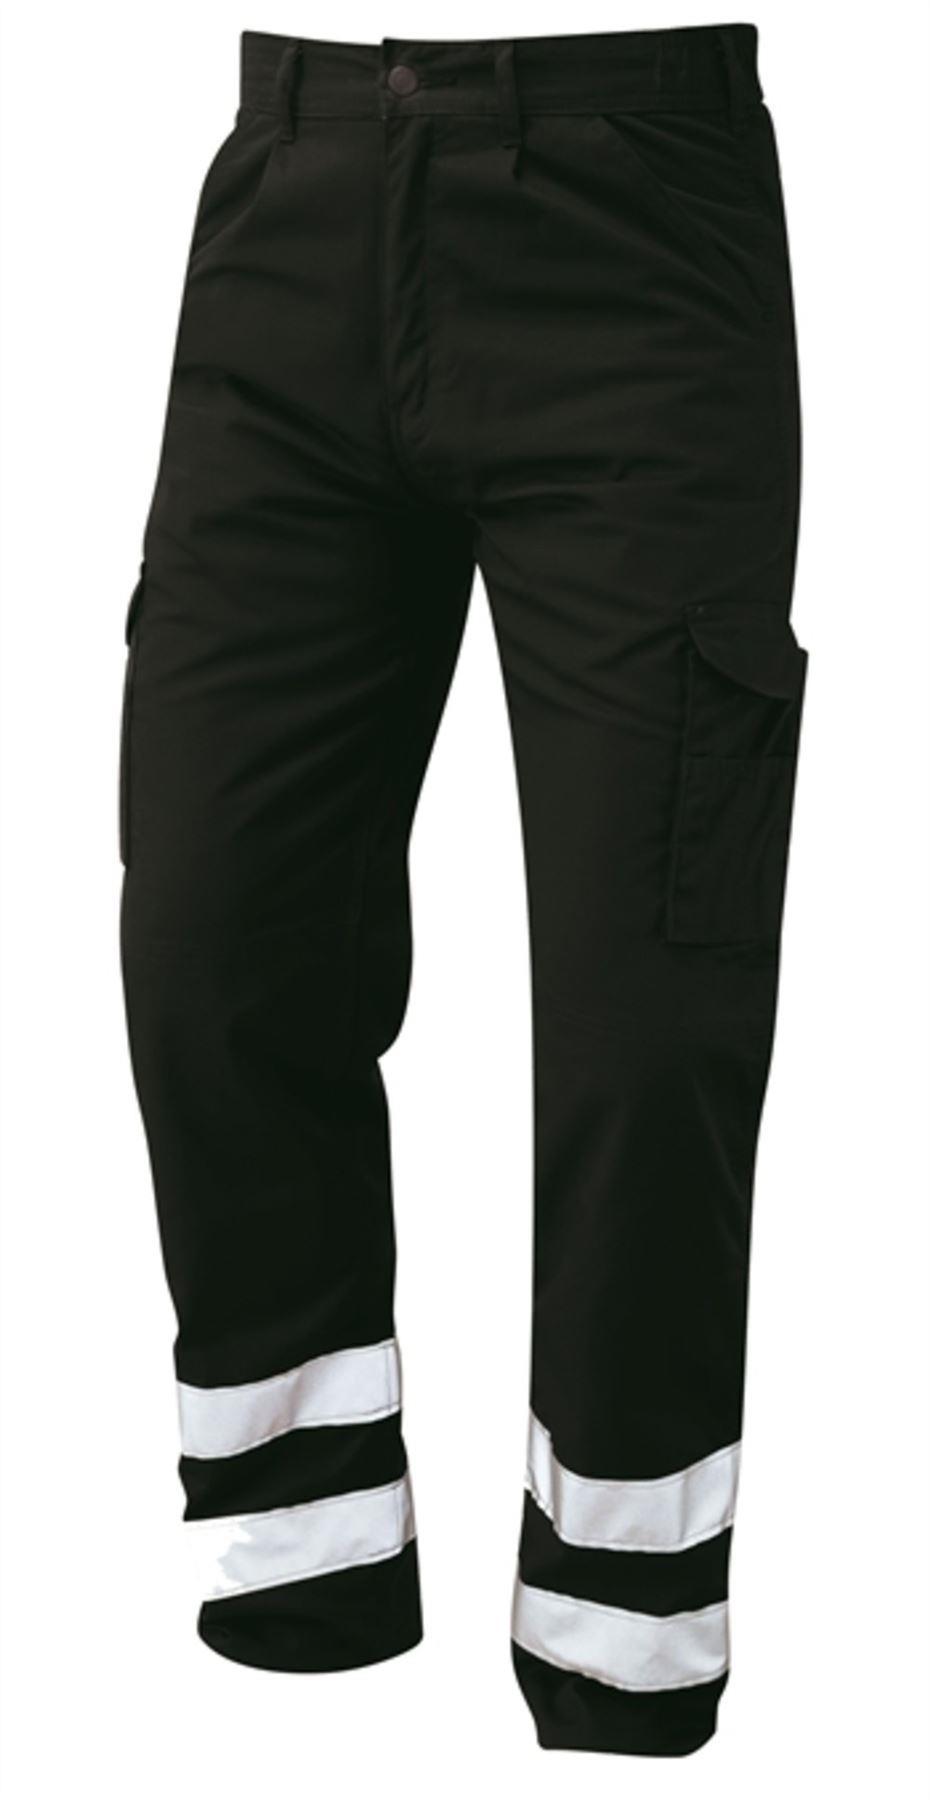 Orn Condor Hi Vis Kneepad Trousers - Black|56W32L